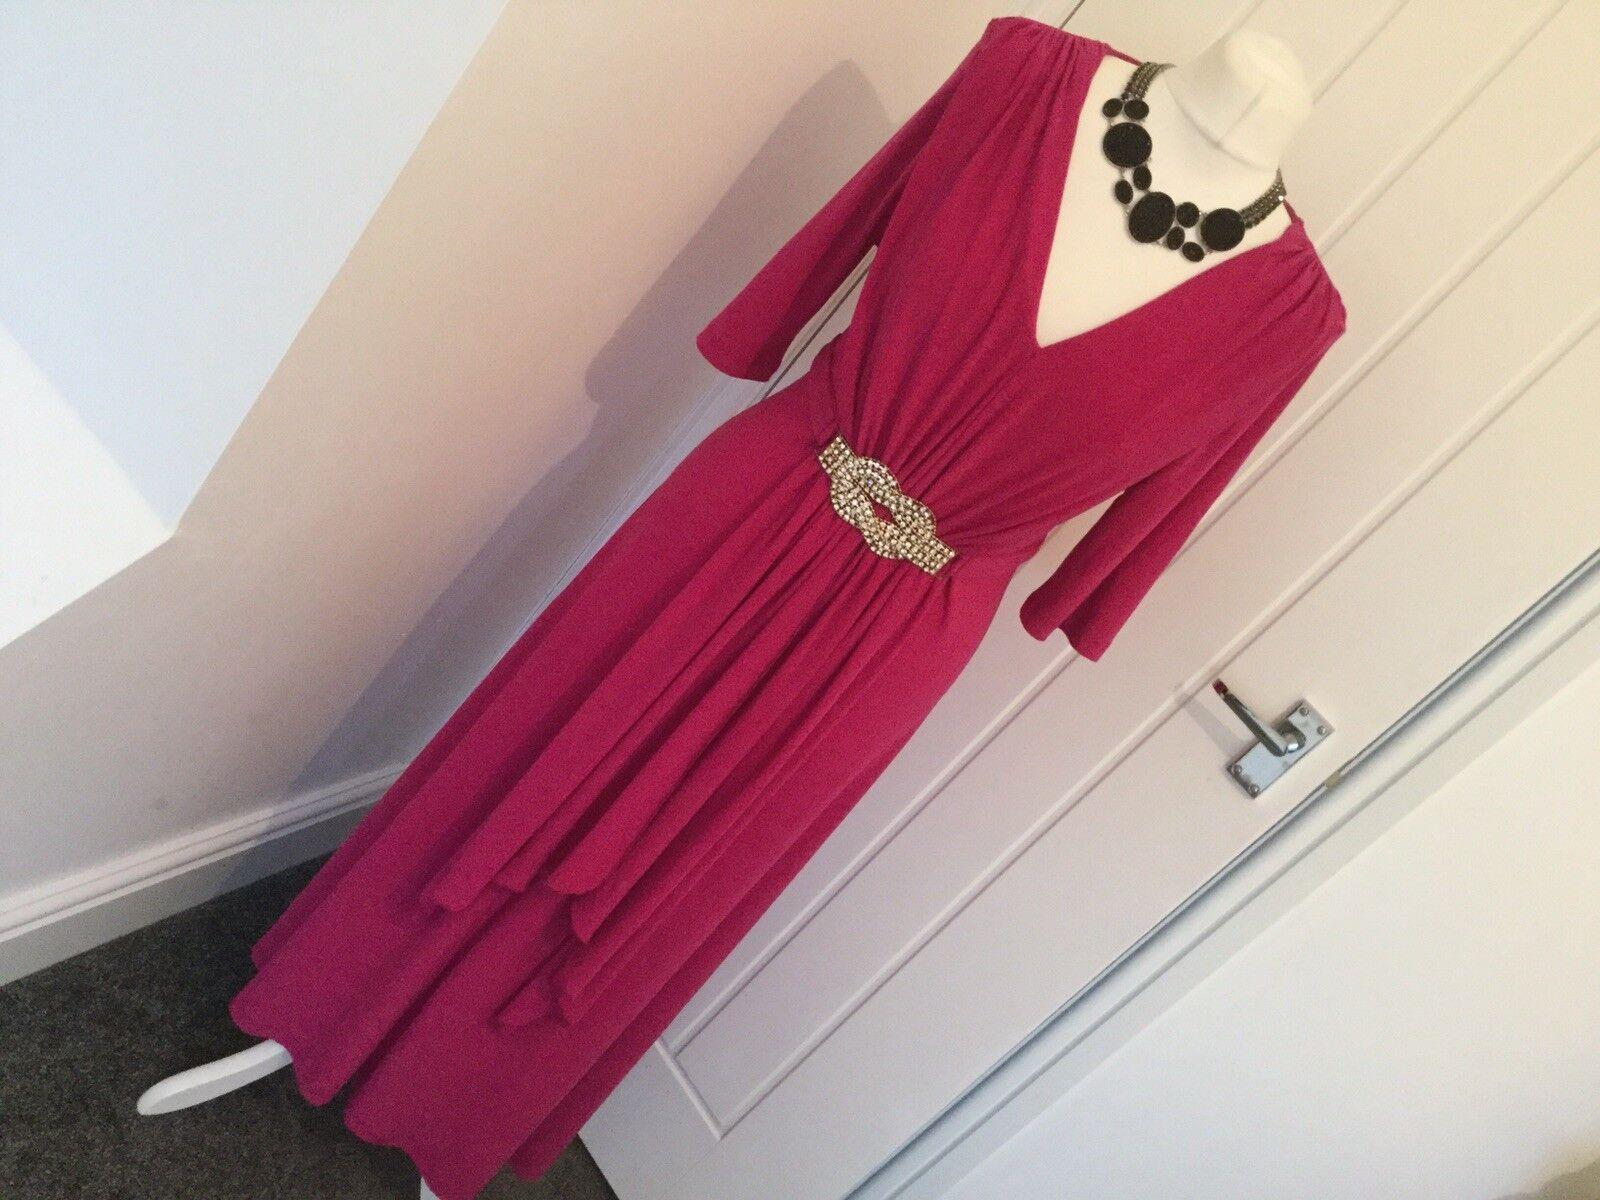 BNWT Savoir Hot Pink Evening Gown Dress Elegant Christmas Diamanté Trim Size 14